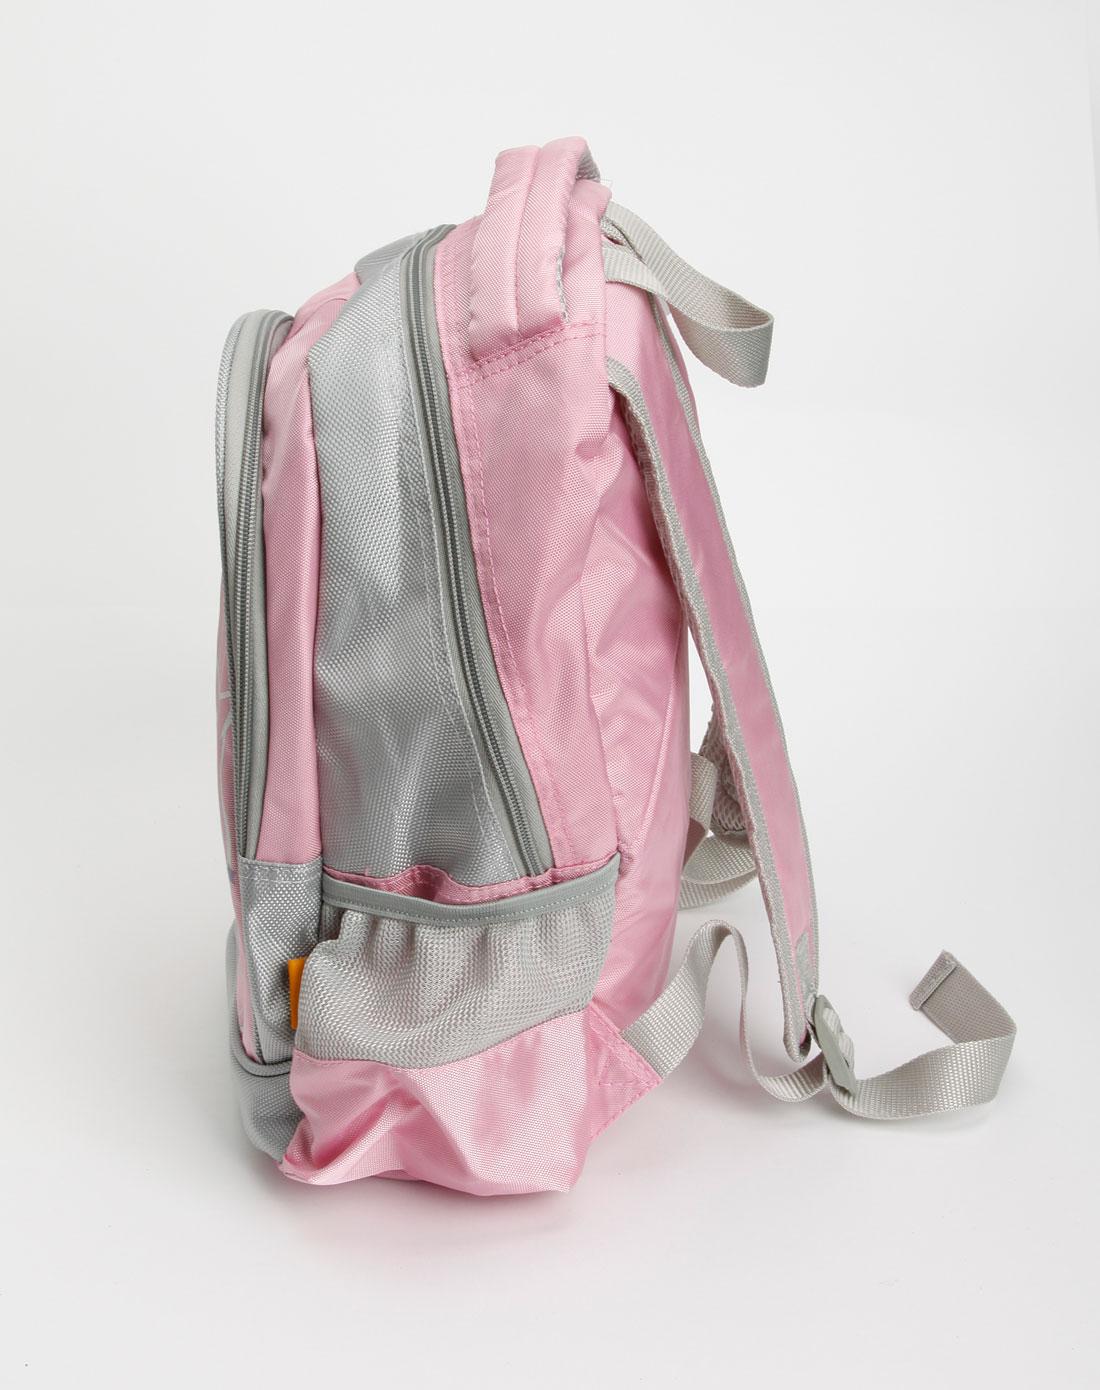 迪士尼disney-书包米奇儿童粉红色米奇双肩背包